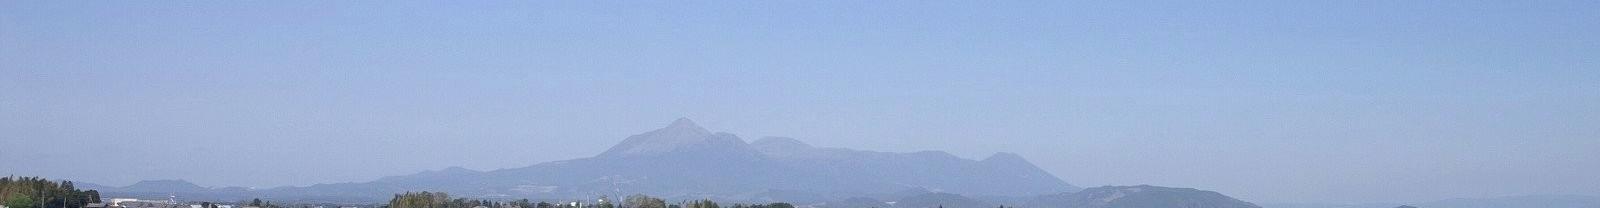 霧島山 02